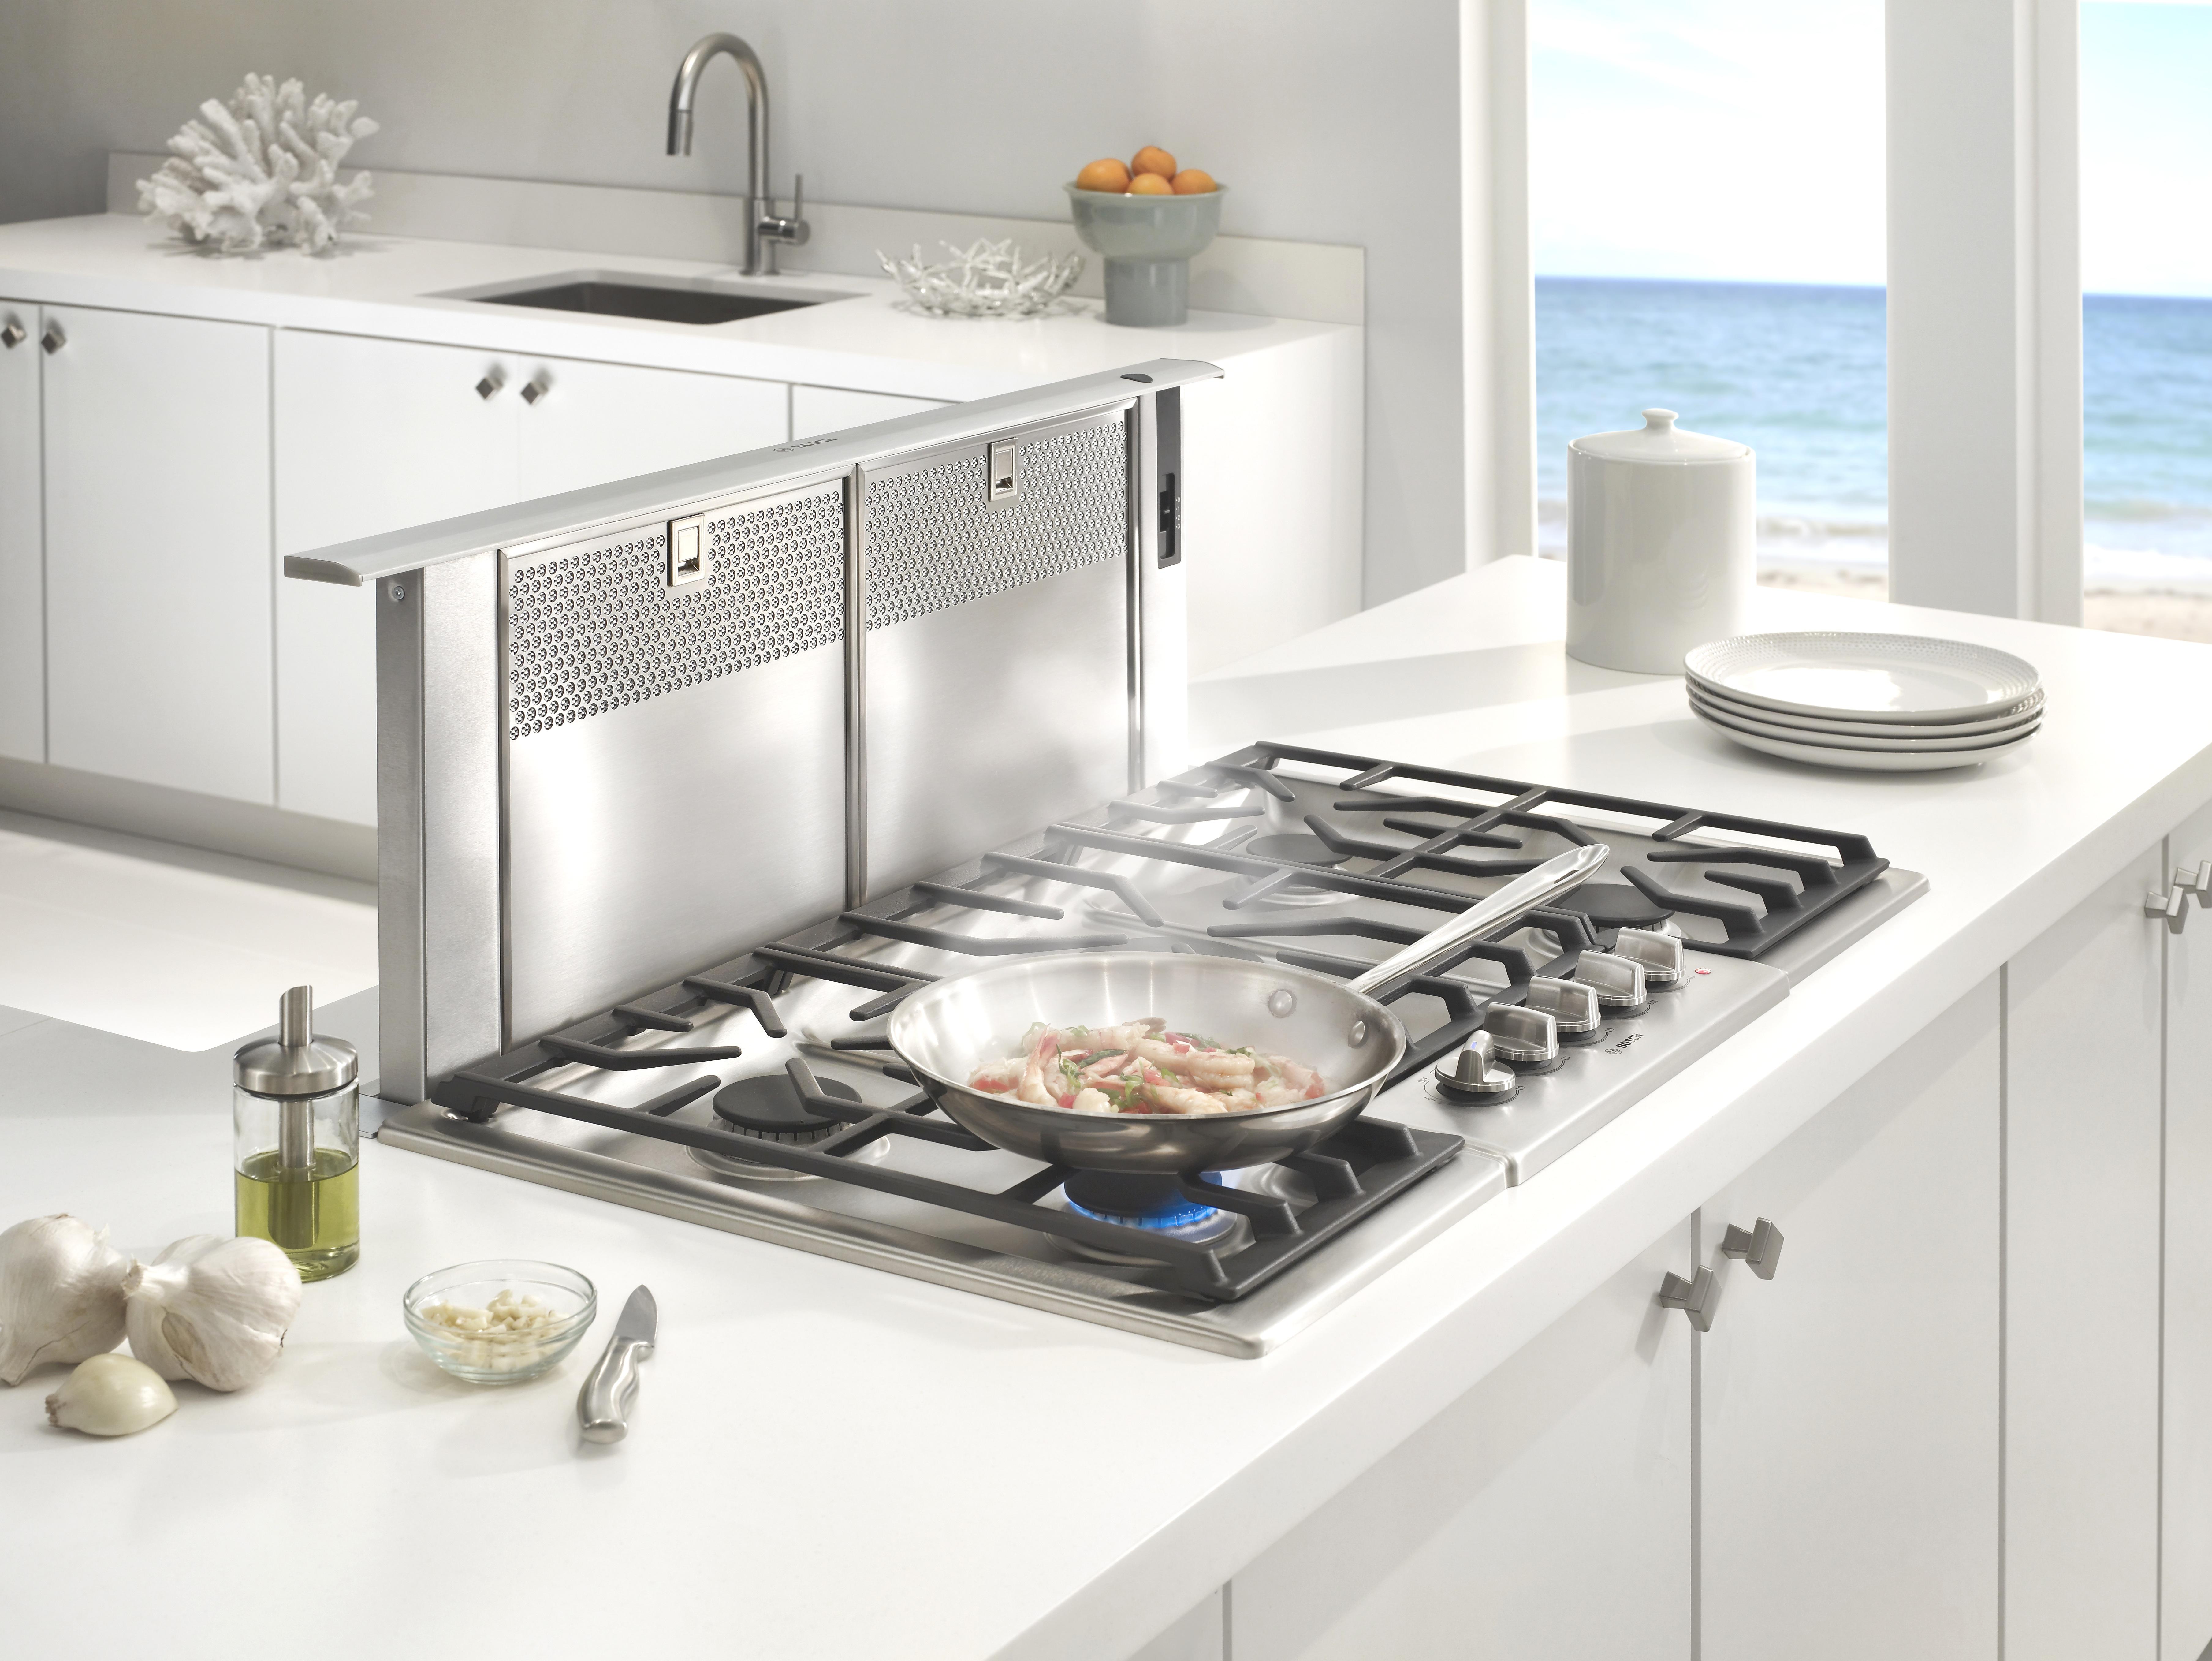 Hob / cooktop